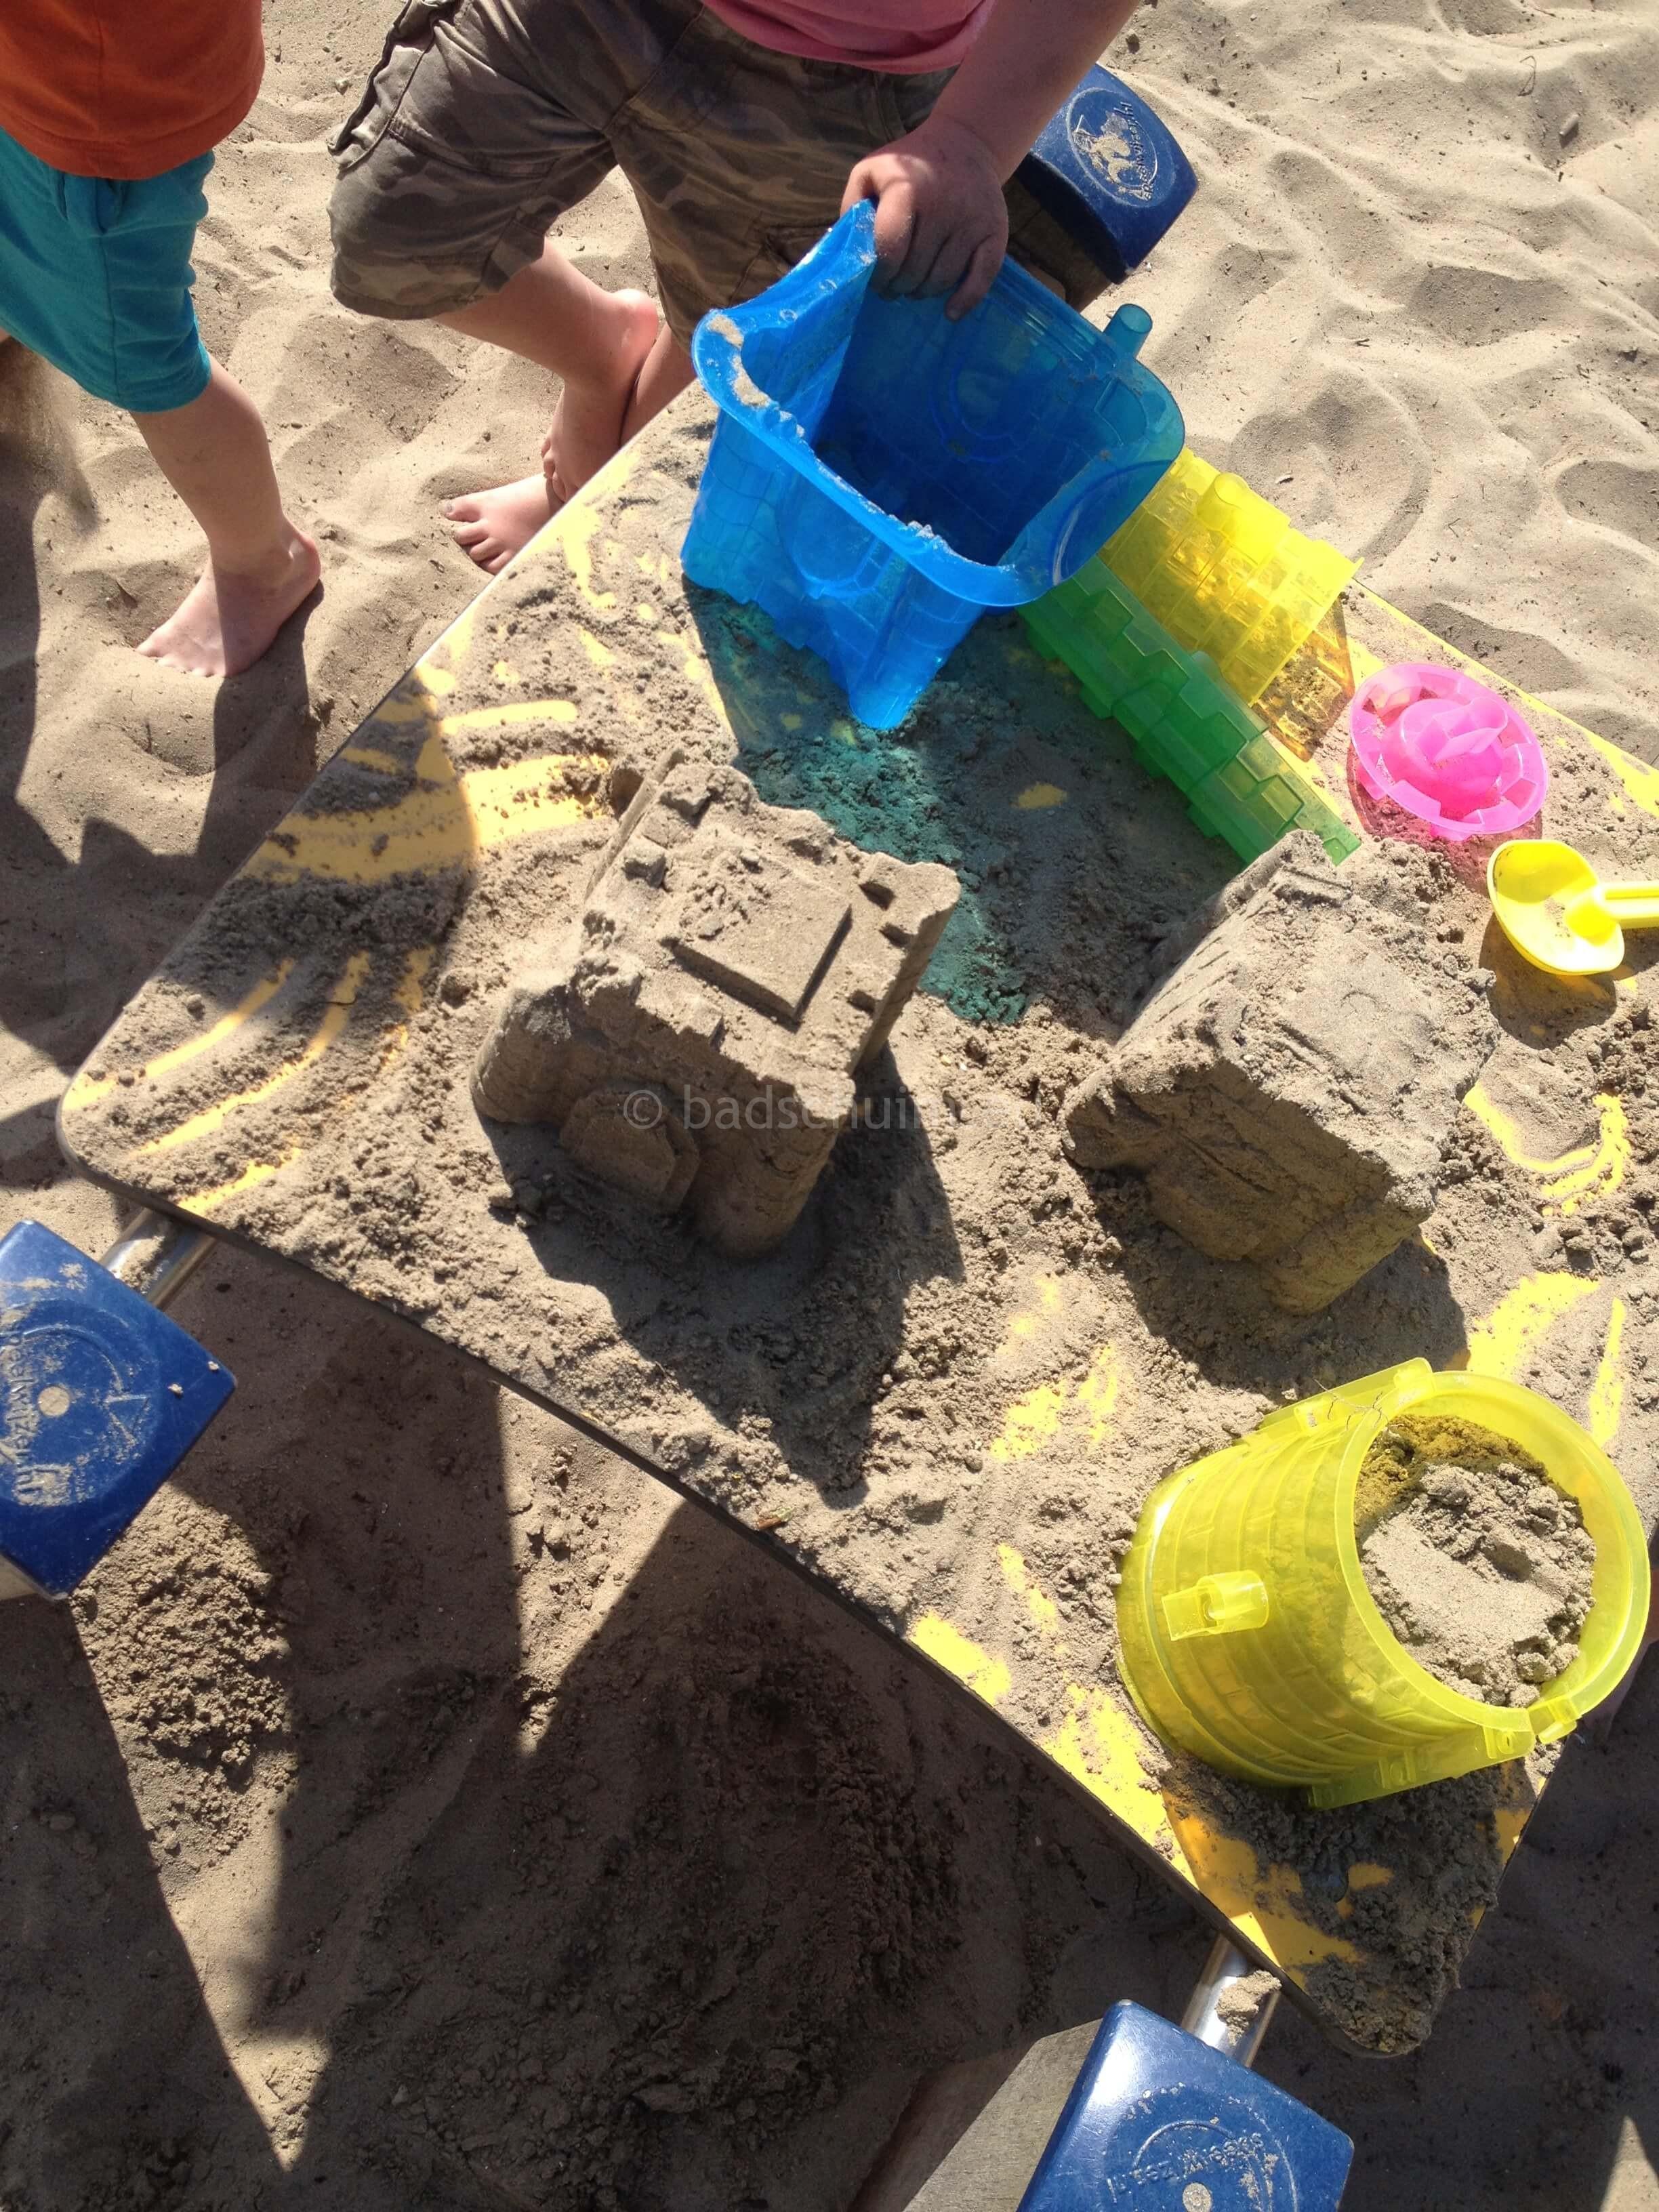 Zandkastelen bouwen I zand creatiesI Creatief lifestyle blog Badschuim